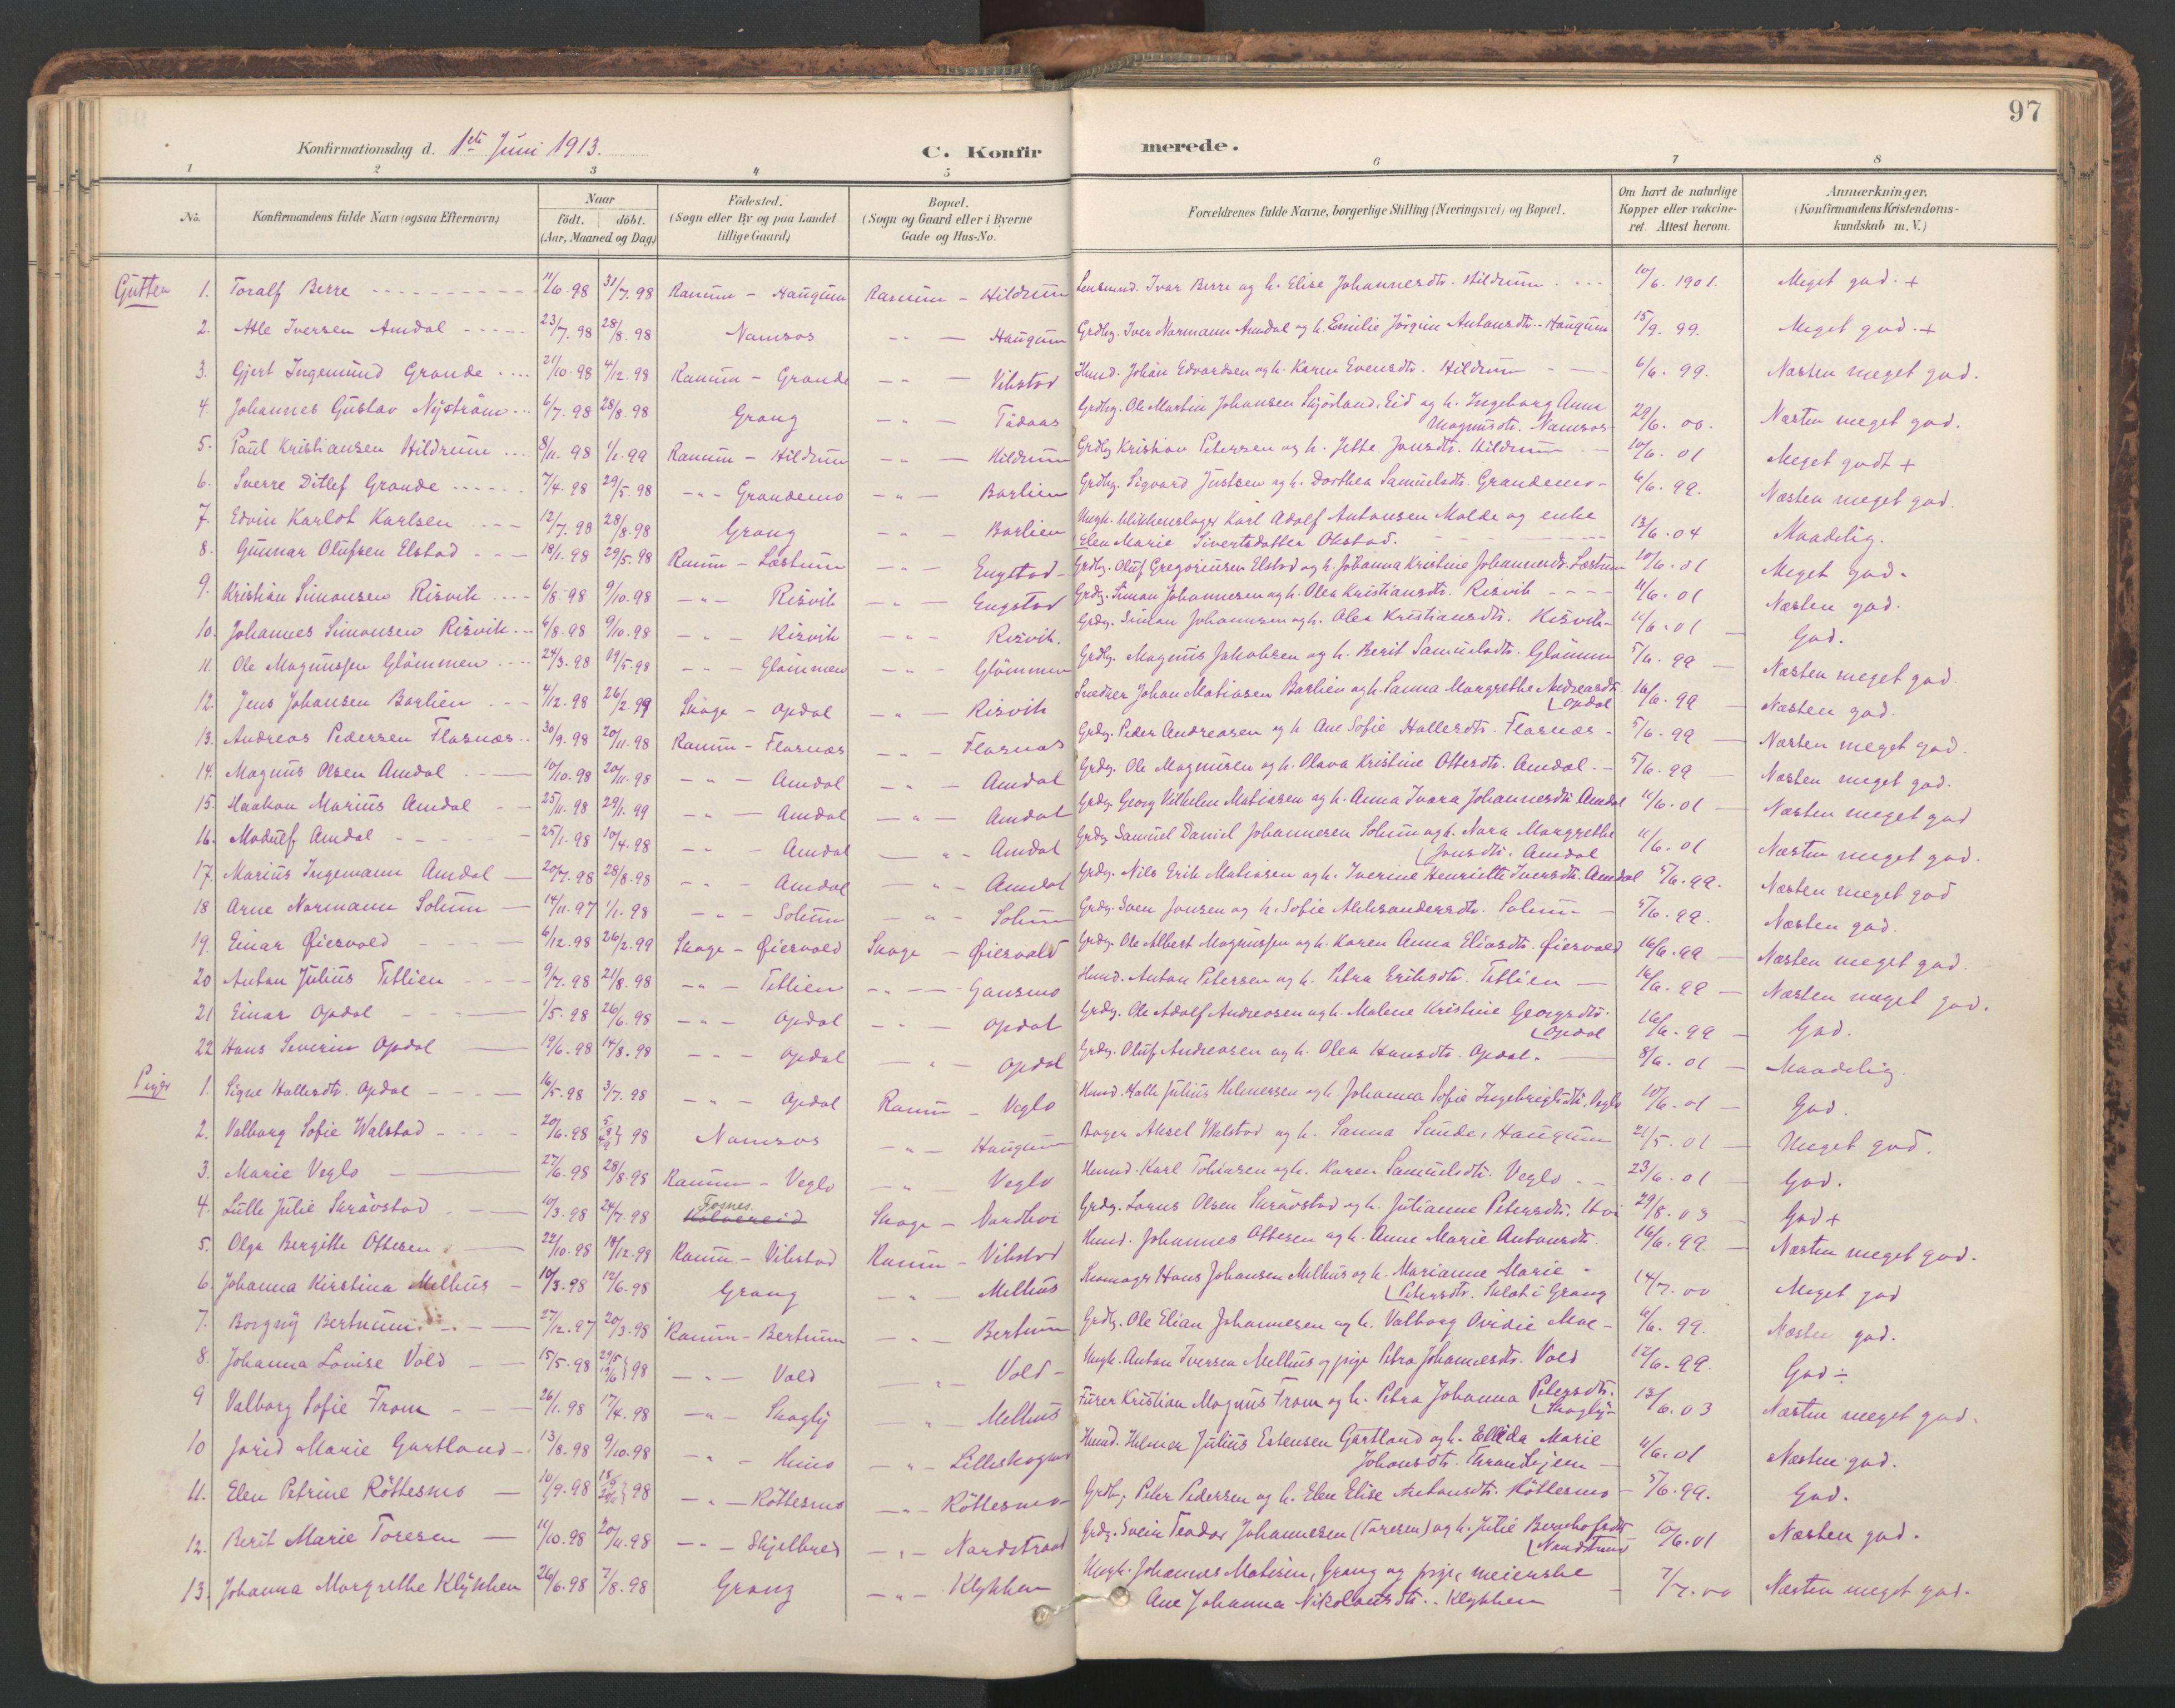 SAT, Ministerialprotokoller, klokkerbøker og fødselsregistre - Nord-Trøndelag, 764/L0556: Ministerialbok nr. 764A11, 1897-1924, s. 97